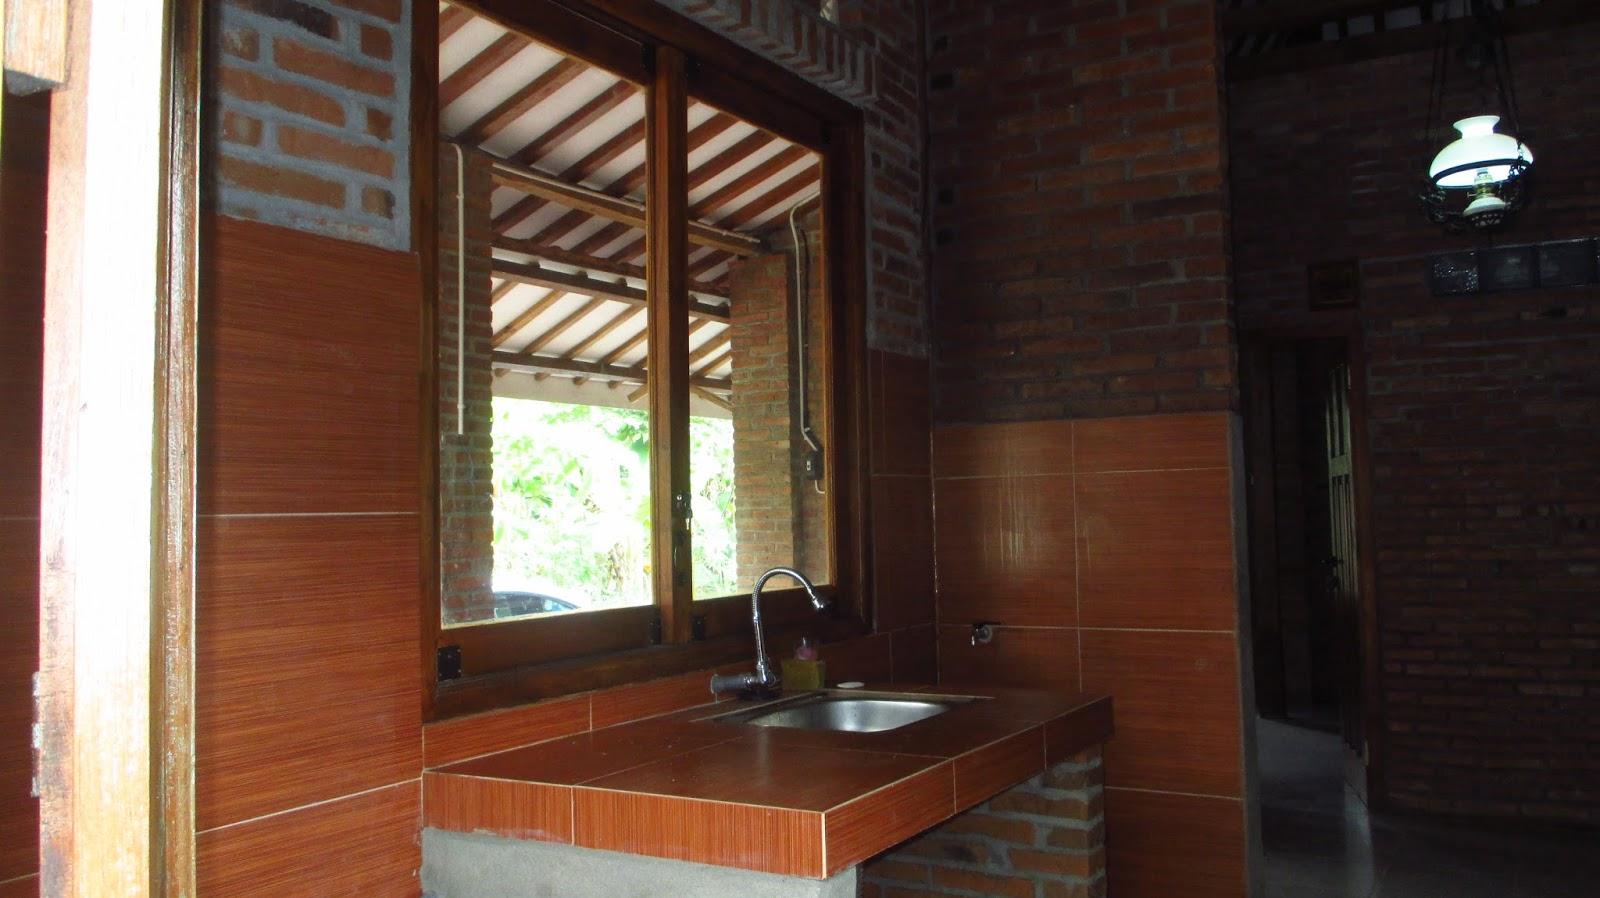 Desain Interior Rumah Minimalis Kampung Sederhana 5000 Koleksi